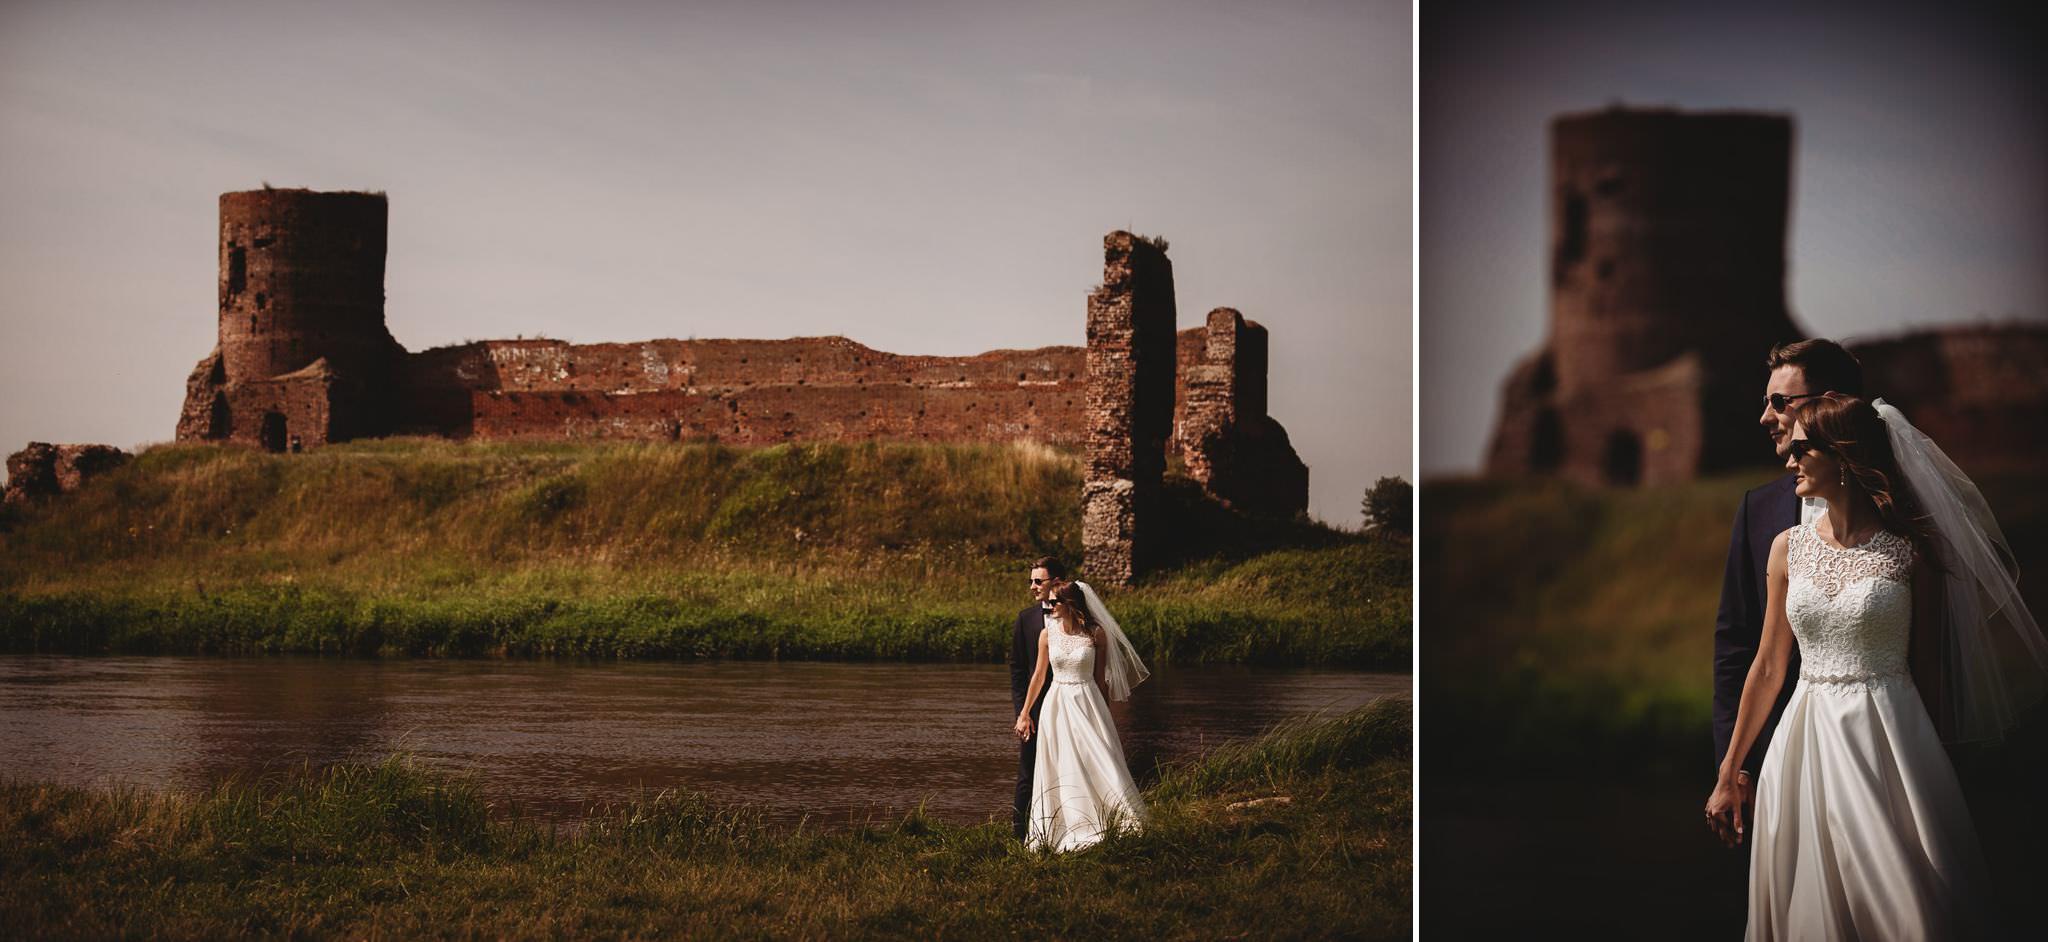 Monika i Michał, wesele w Paryżu i sesja plenerowa w stadninie koni w Czołowie 320